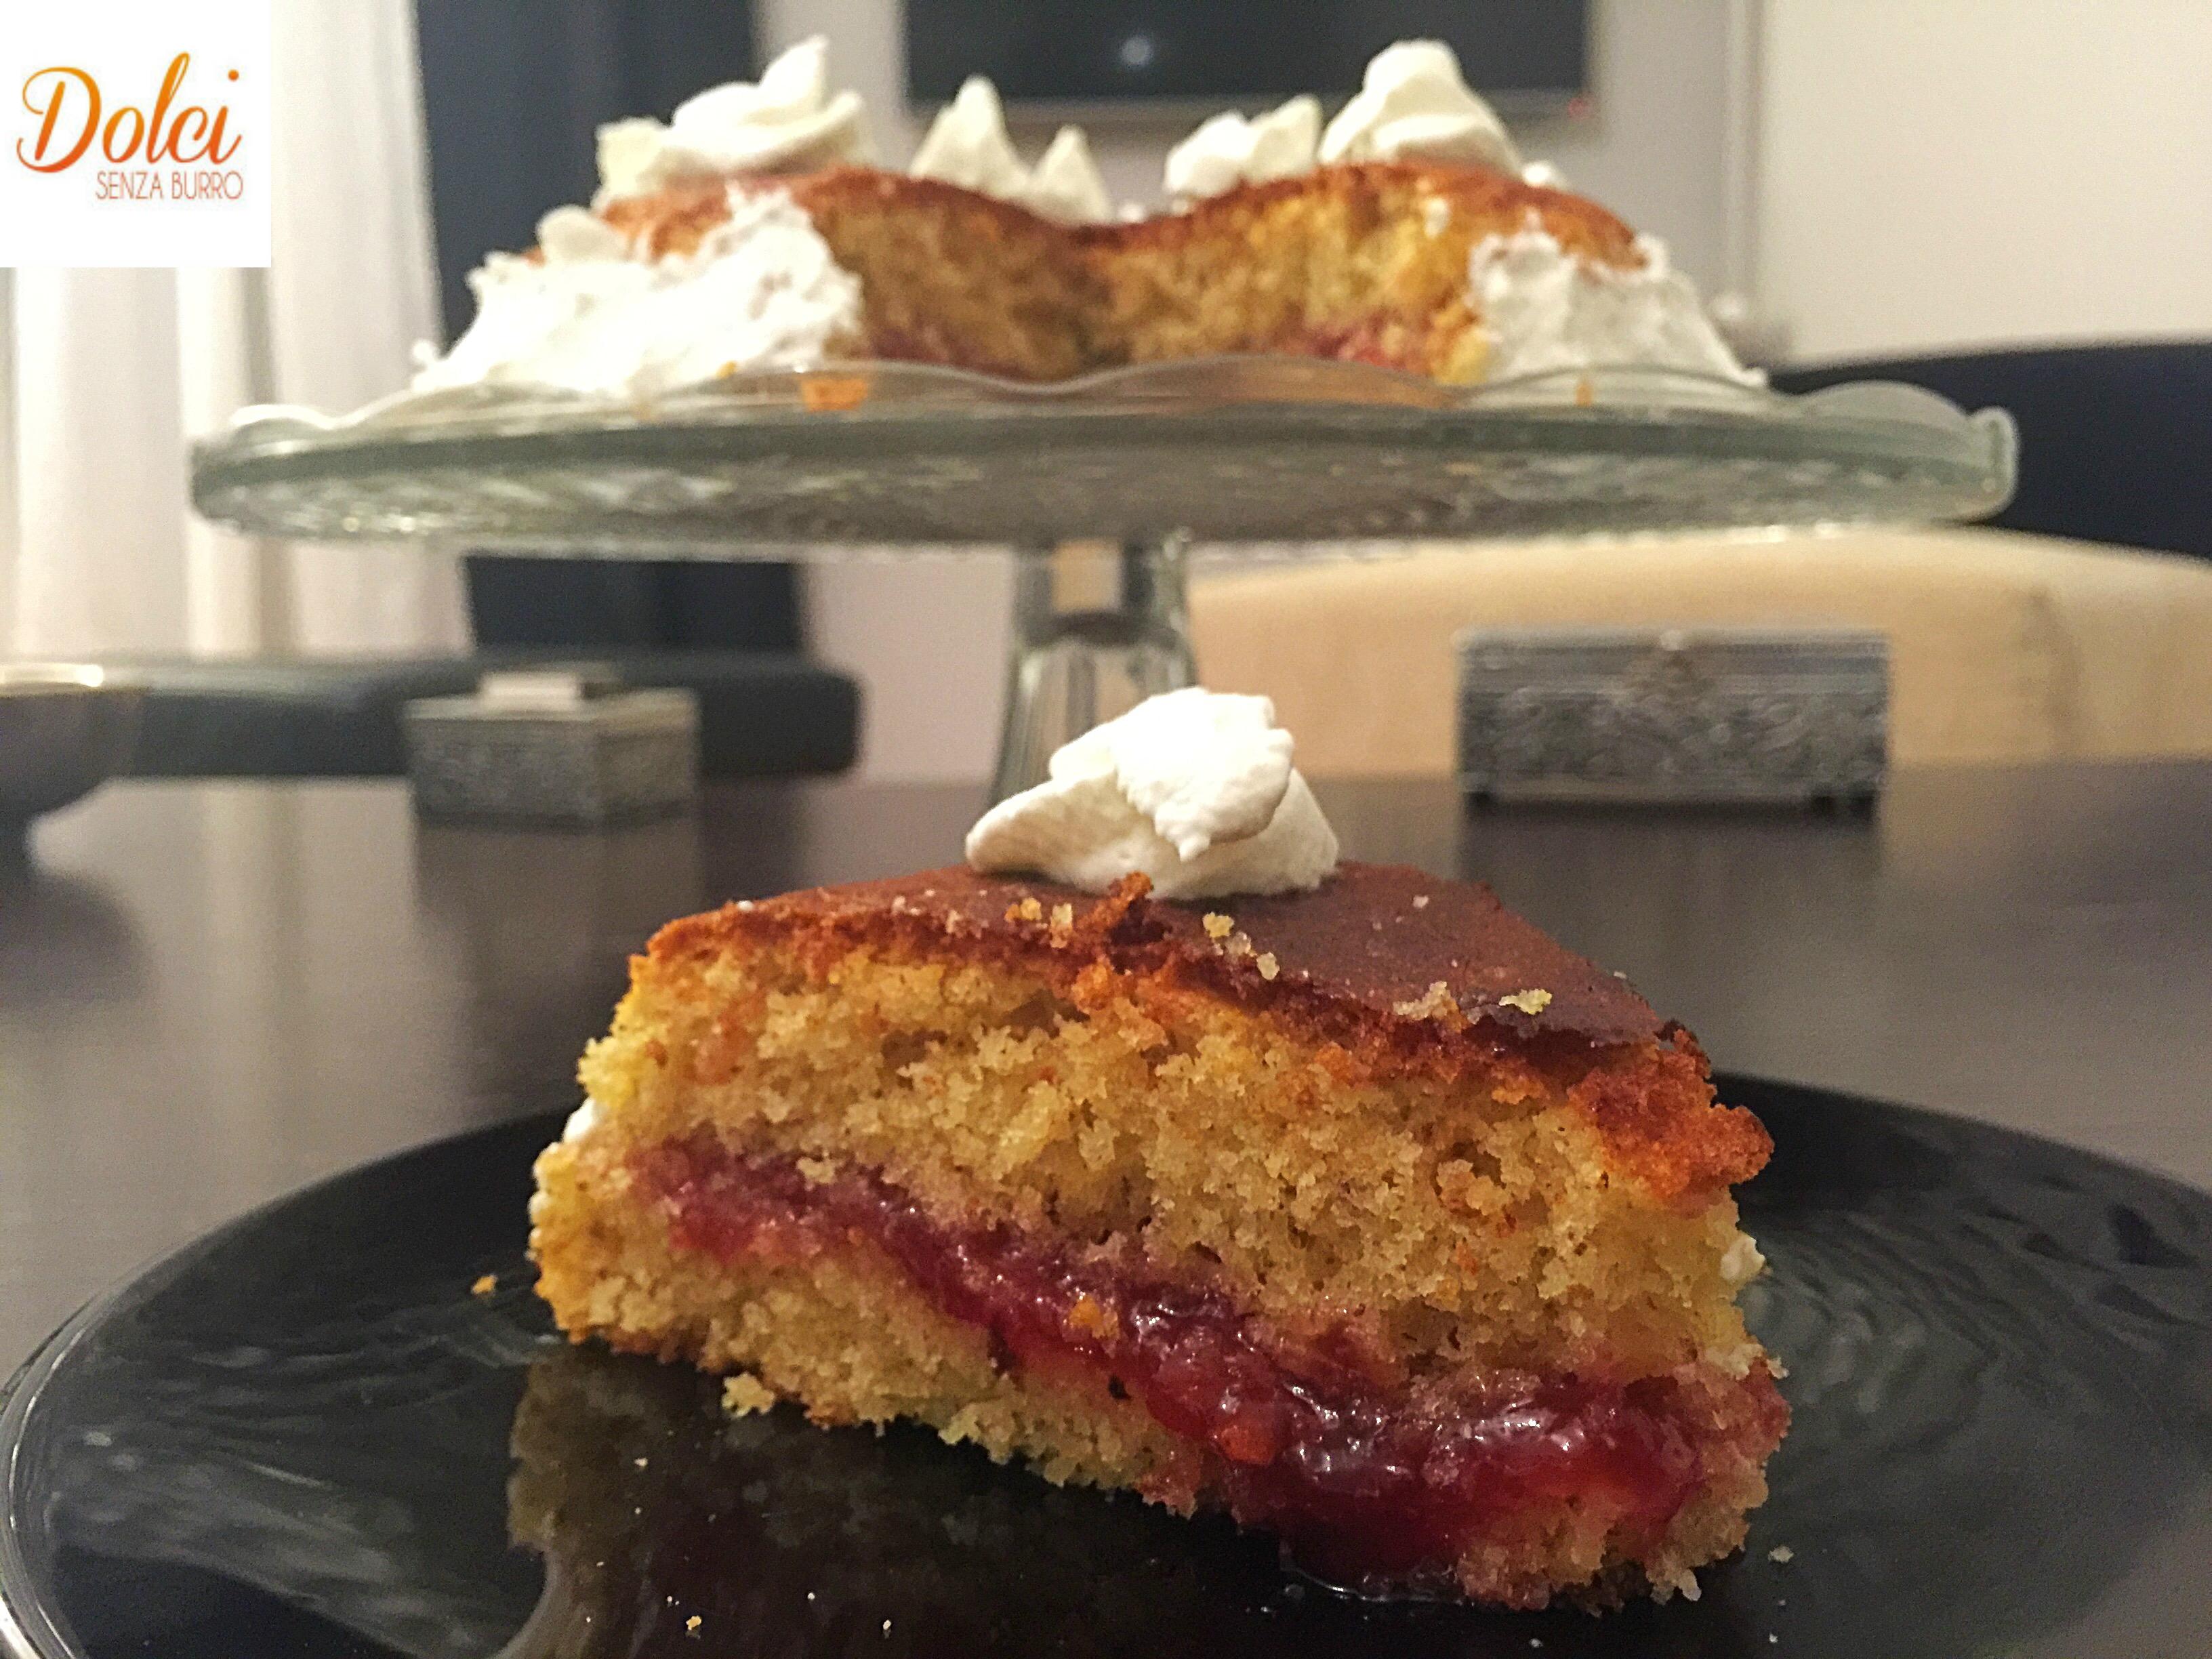 Torta alla Vaniglia e Marmellata Senza Burro, una golosa e soffice torta di dolci senza burro